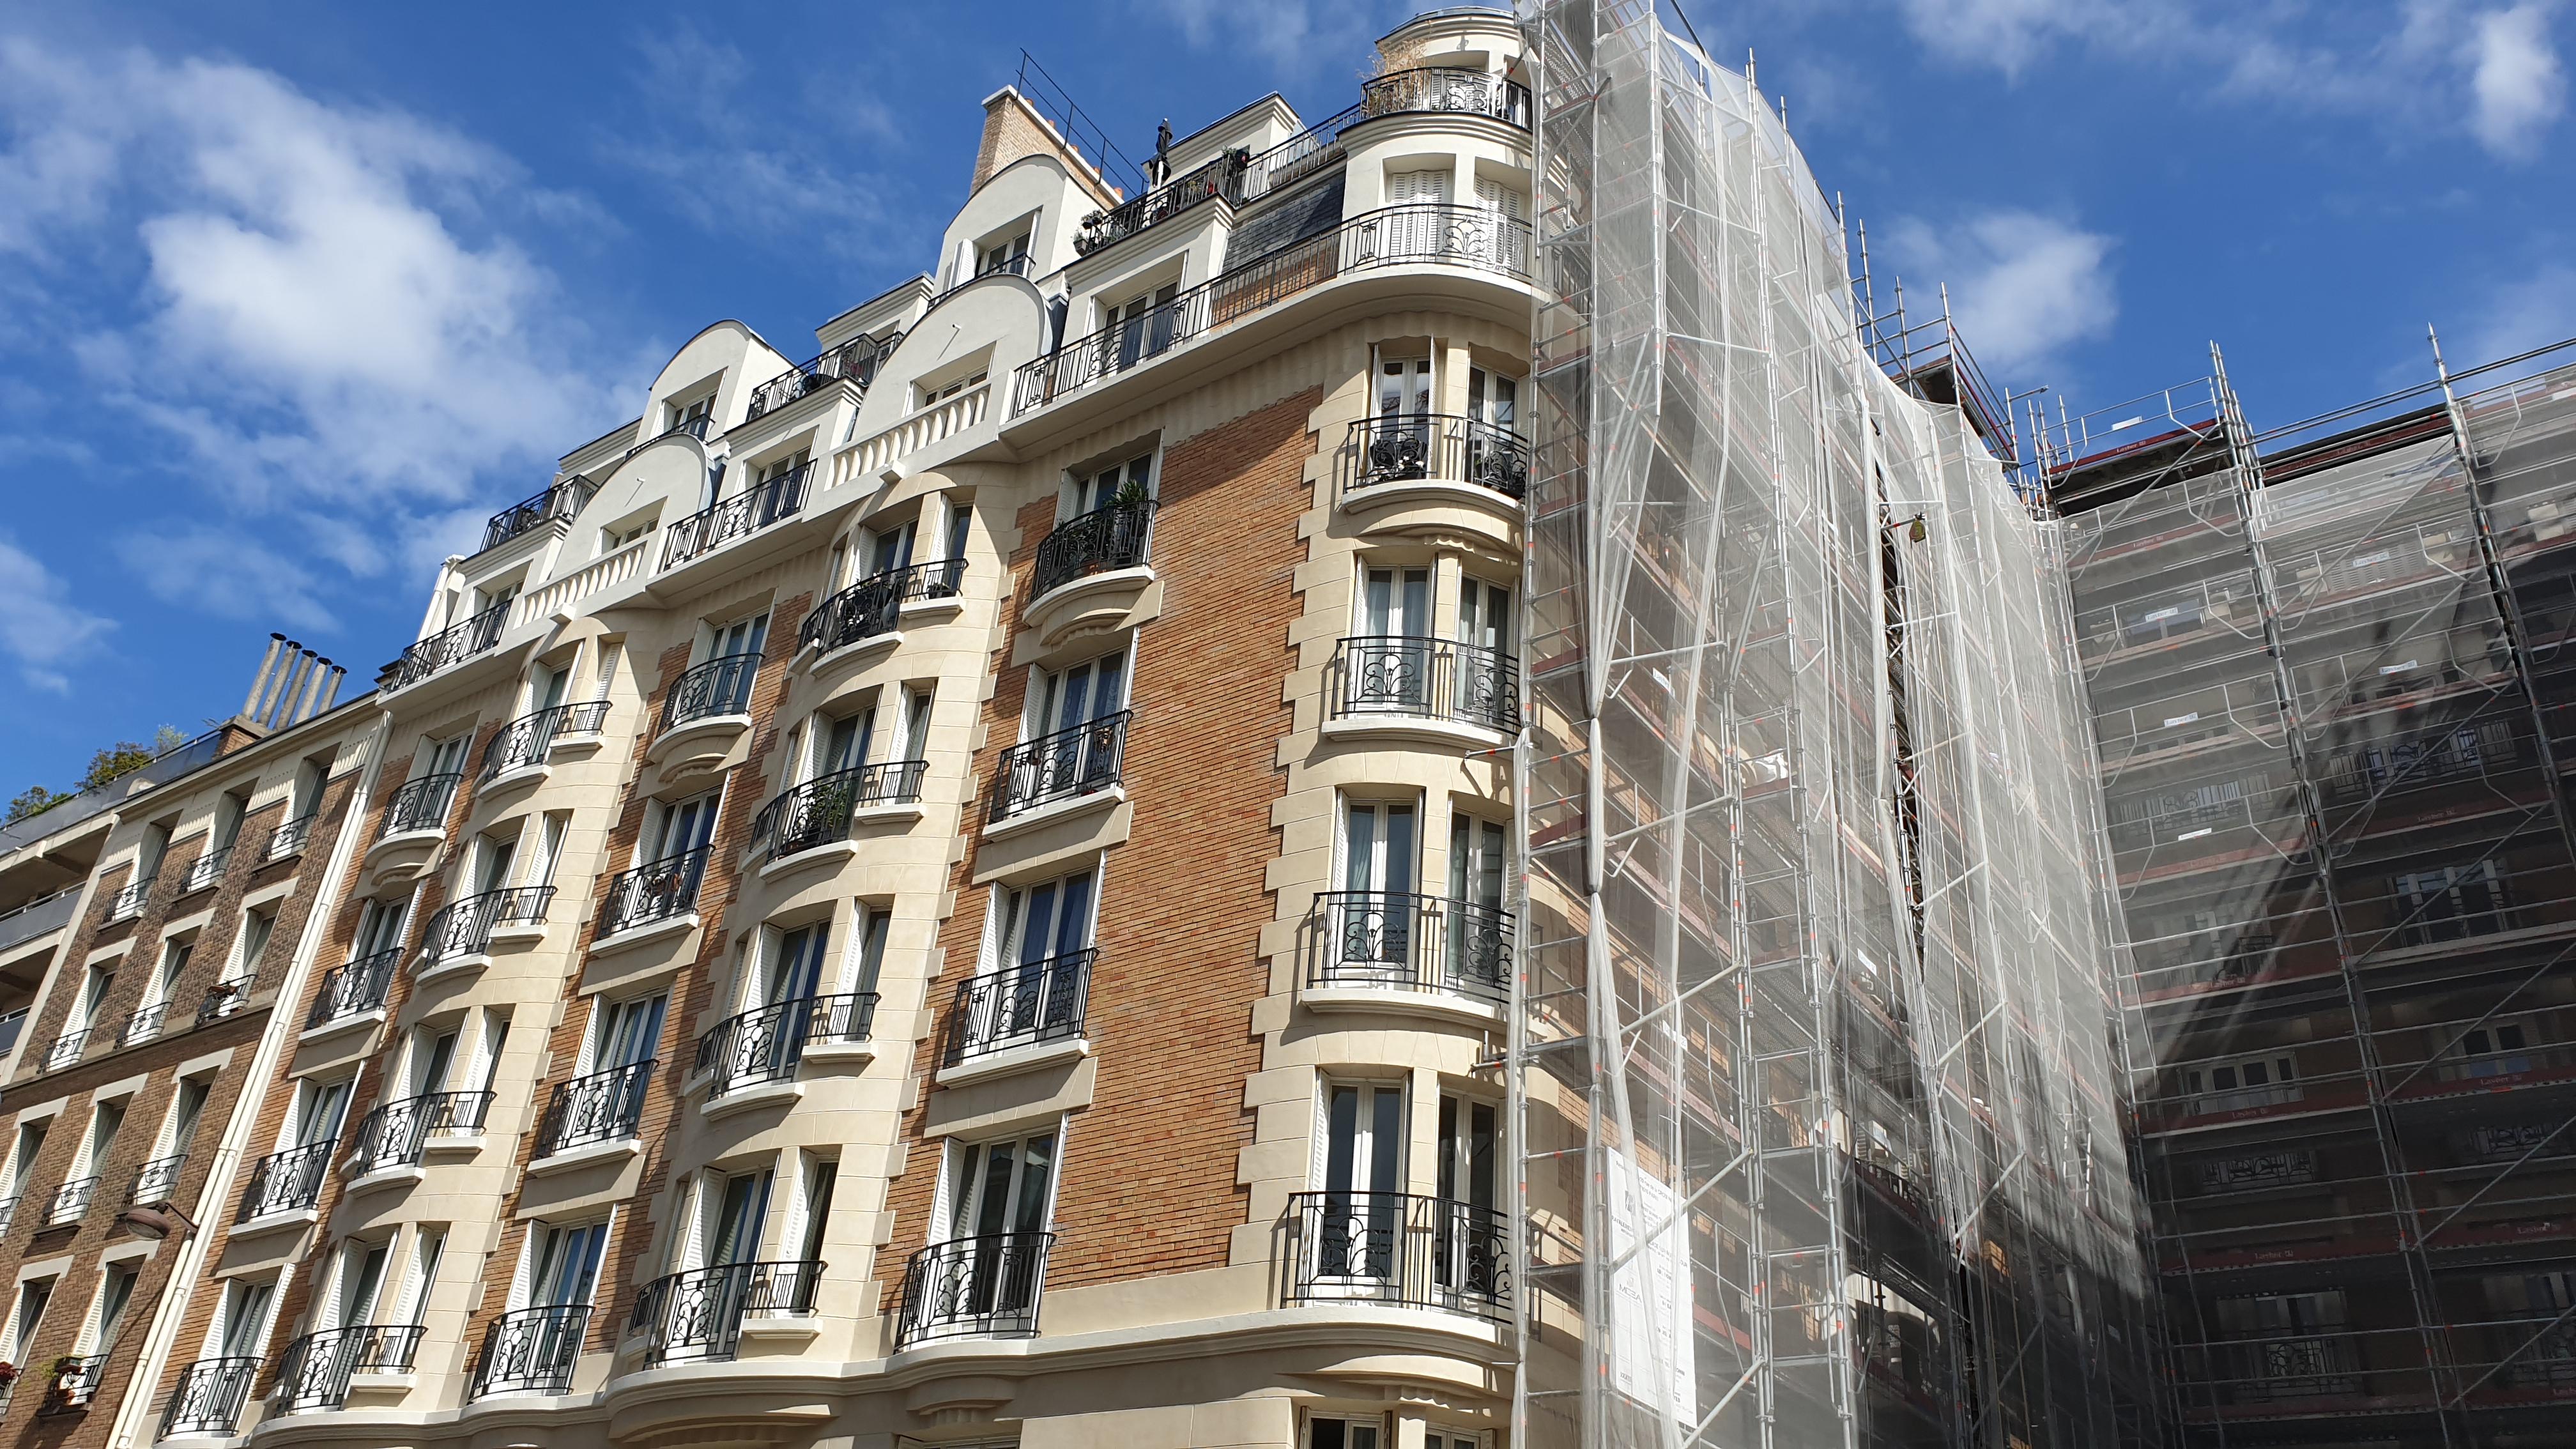 Photo - PARIS 15 ème , 4 Pièces 98m2                                                           VENDU